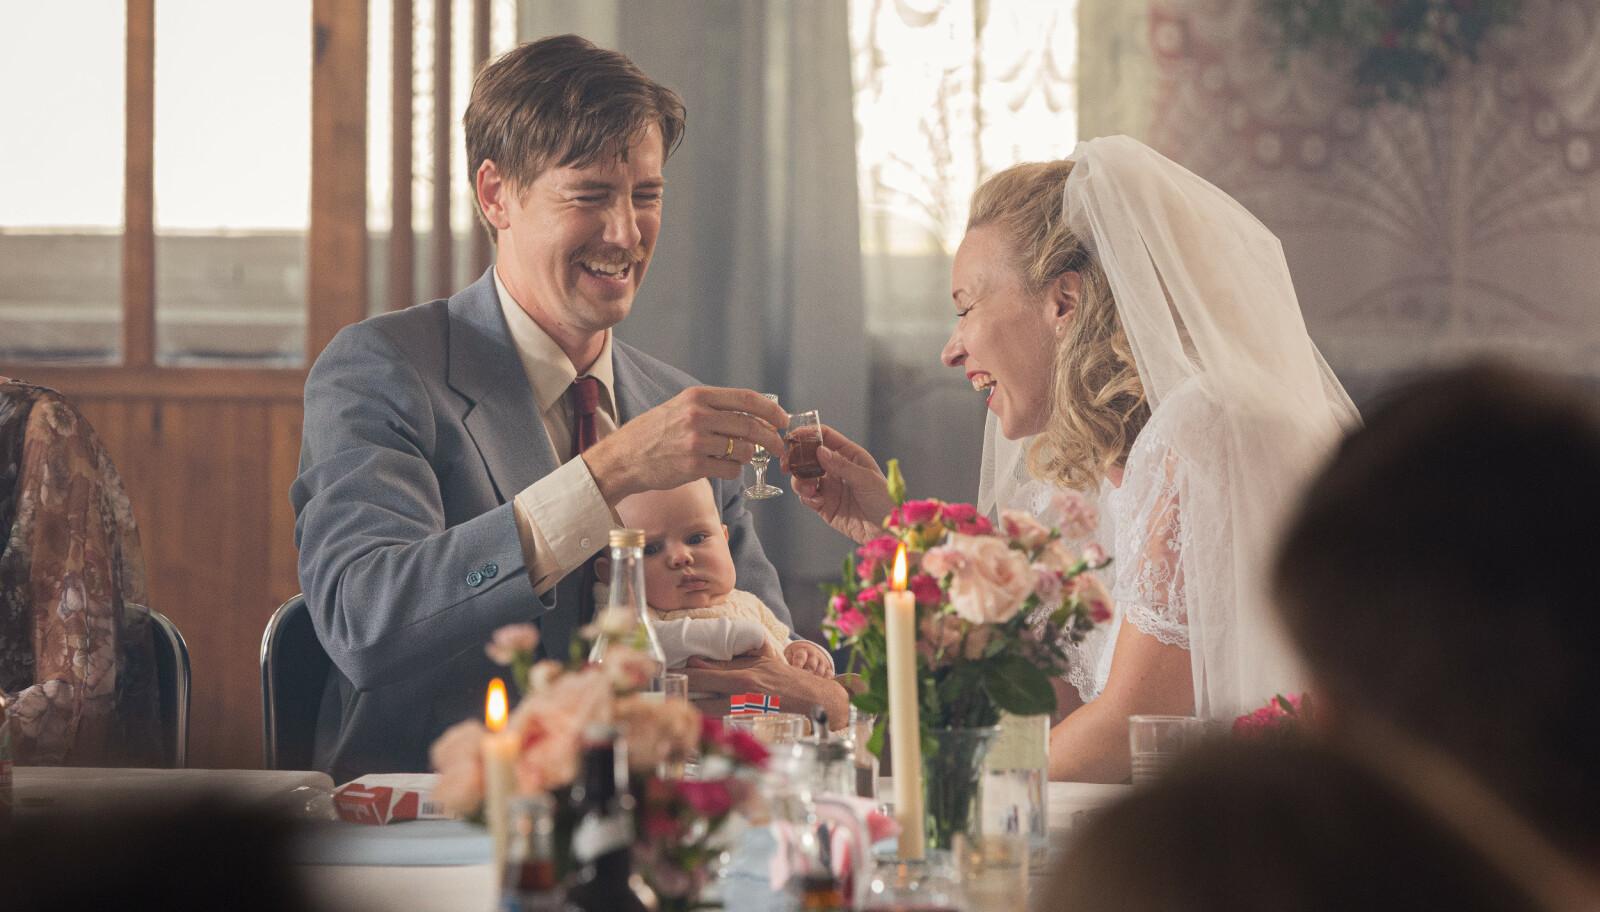 DIANAS BRYLLUP: I filmen, som har premiere i september, spiller Marie Blokhus og Pål Sverre Hagen ekteparet Liv og Terje. De får datteren Diana sammen, og vi følger dem gjennom flere tiår. FOTO: Maipo / Nordisk Film Distribusjon